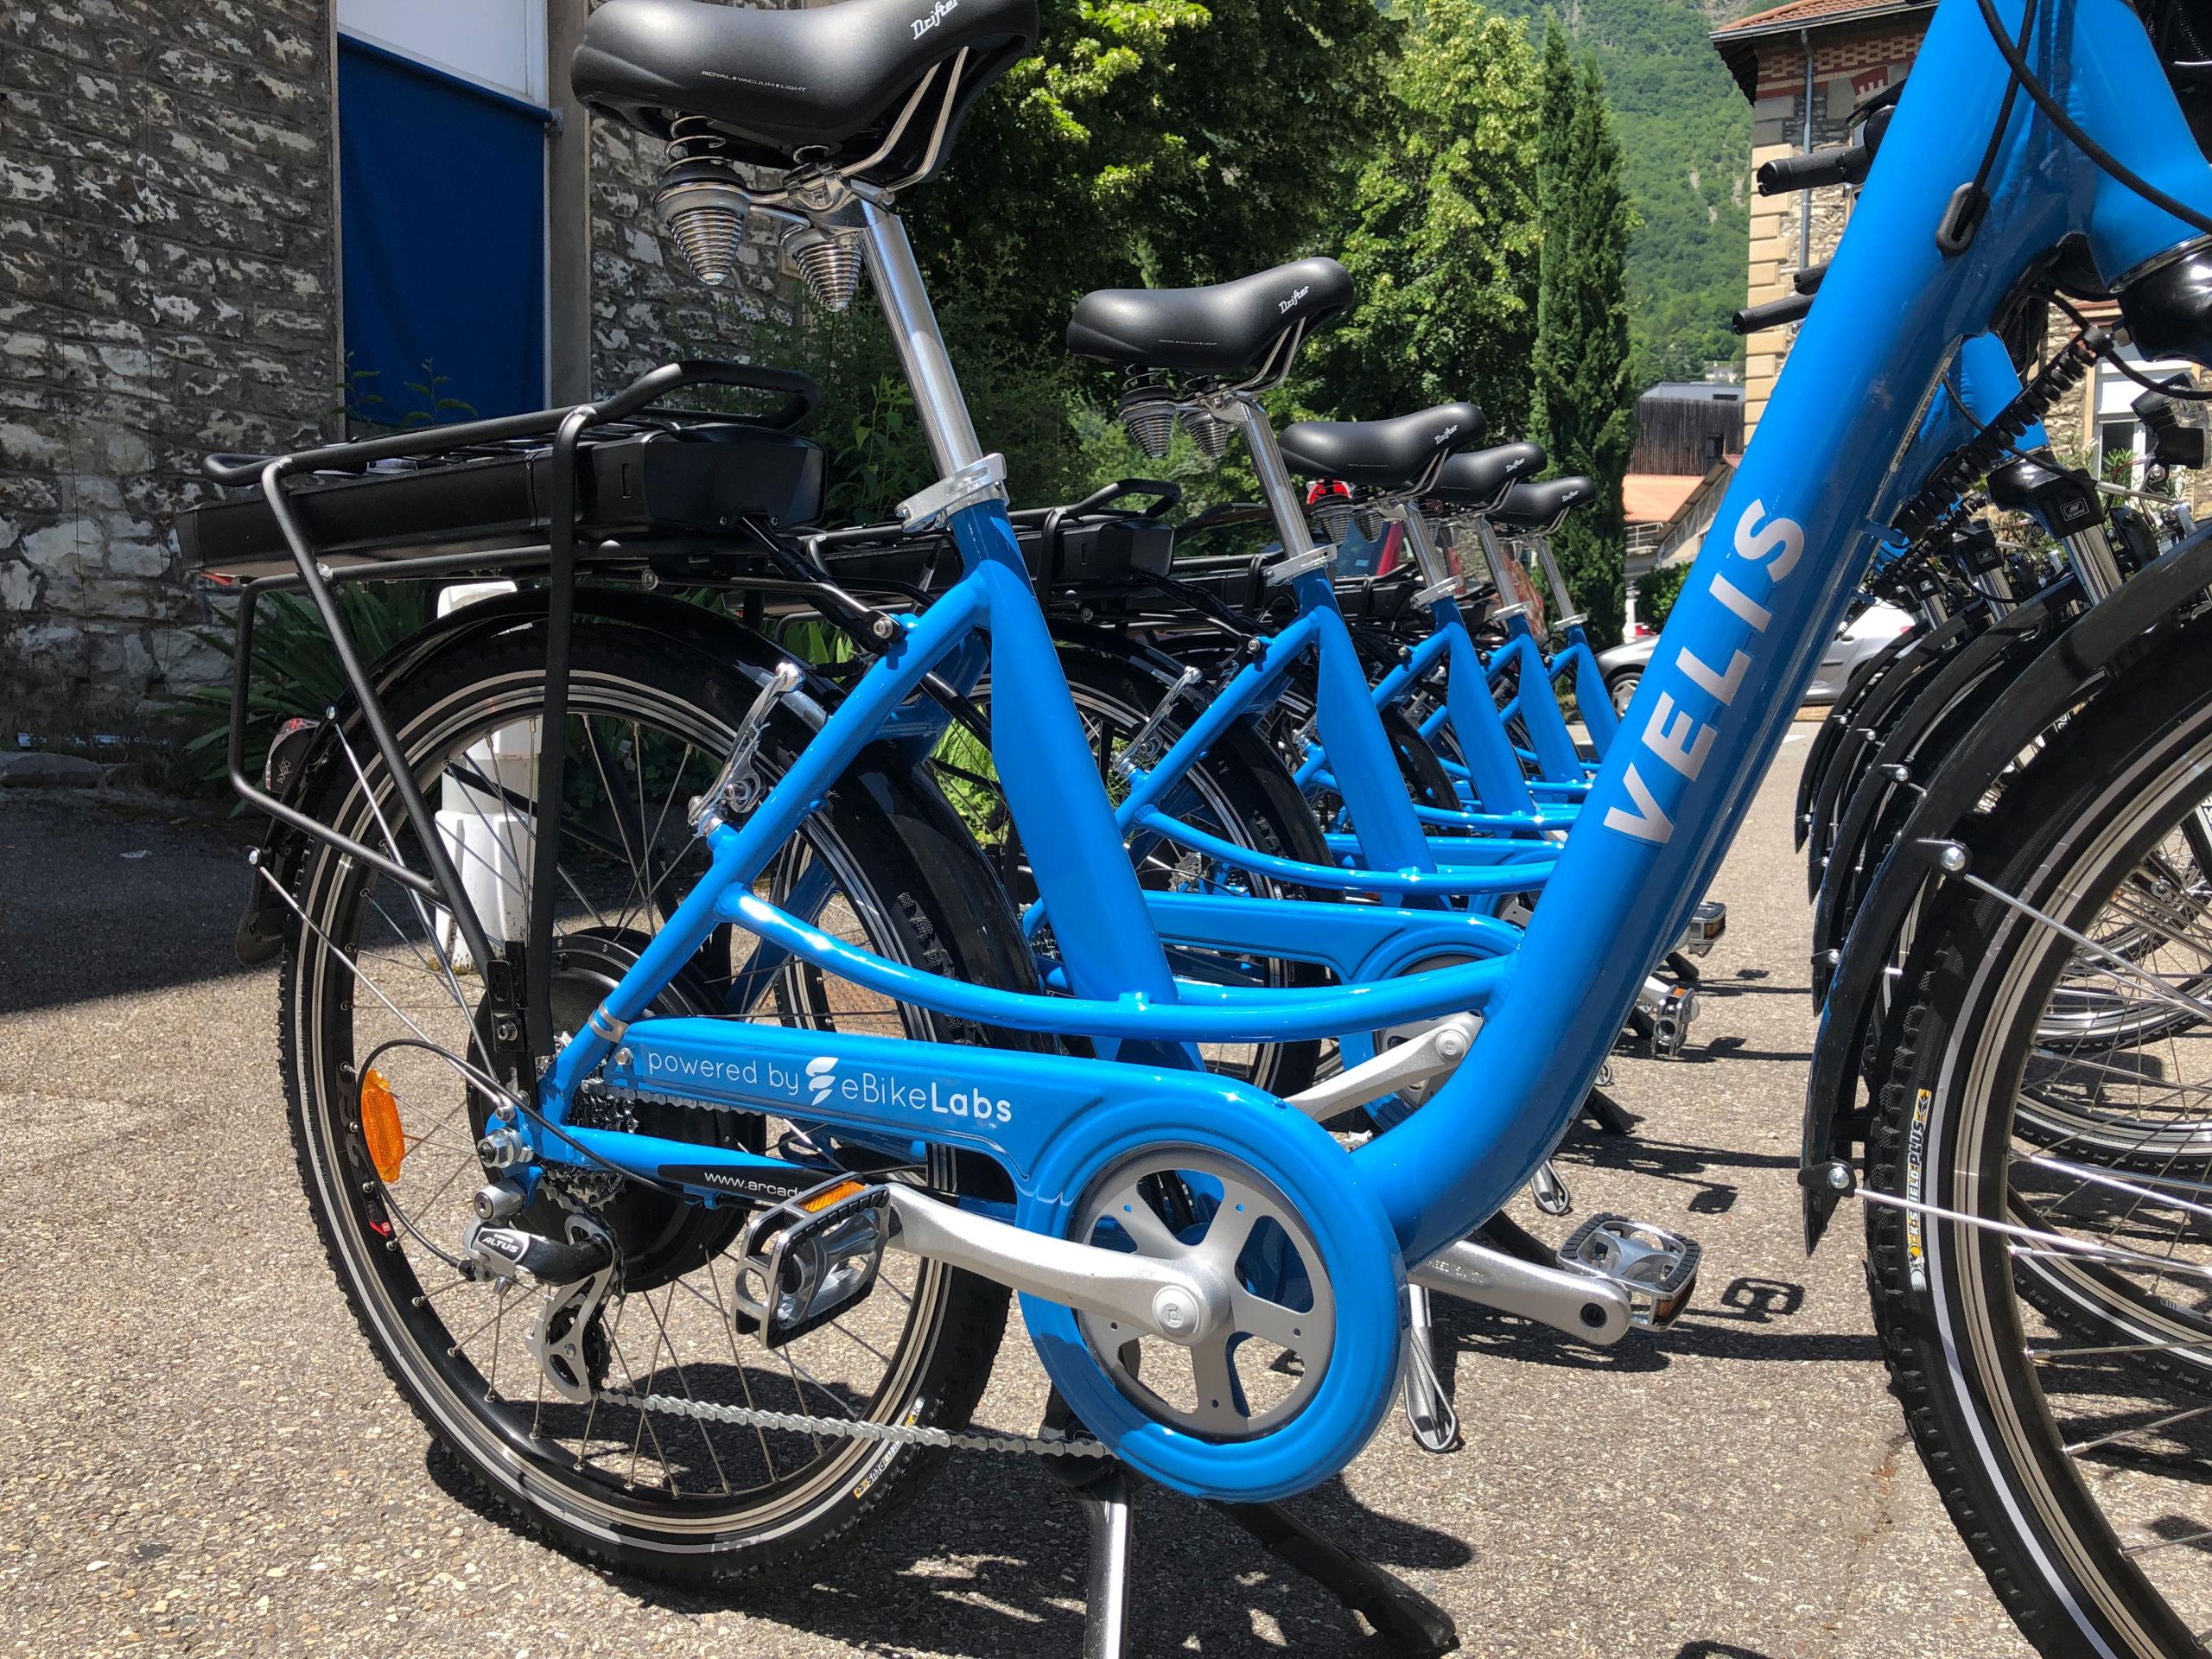 eBikeLabs-health-e-bike-project